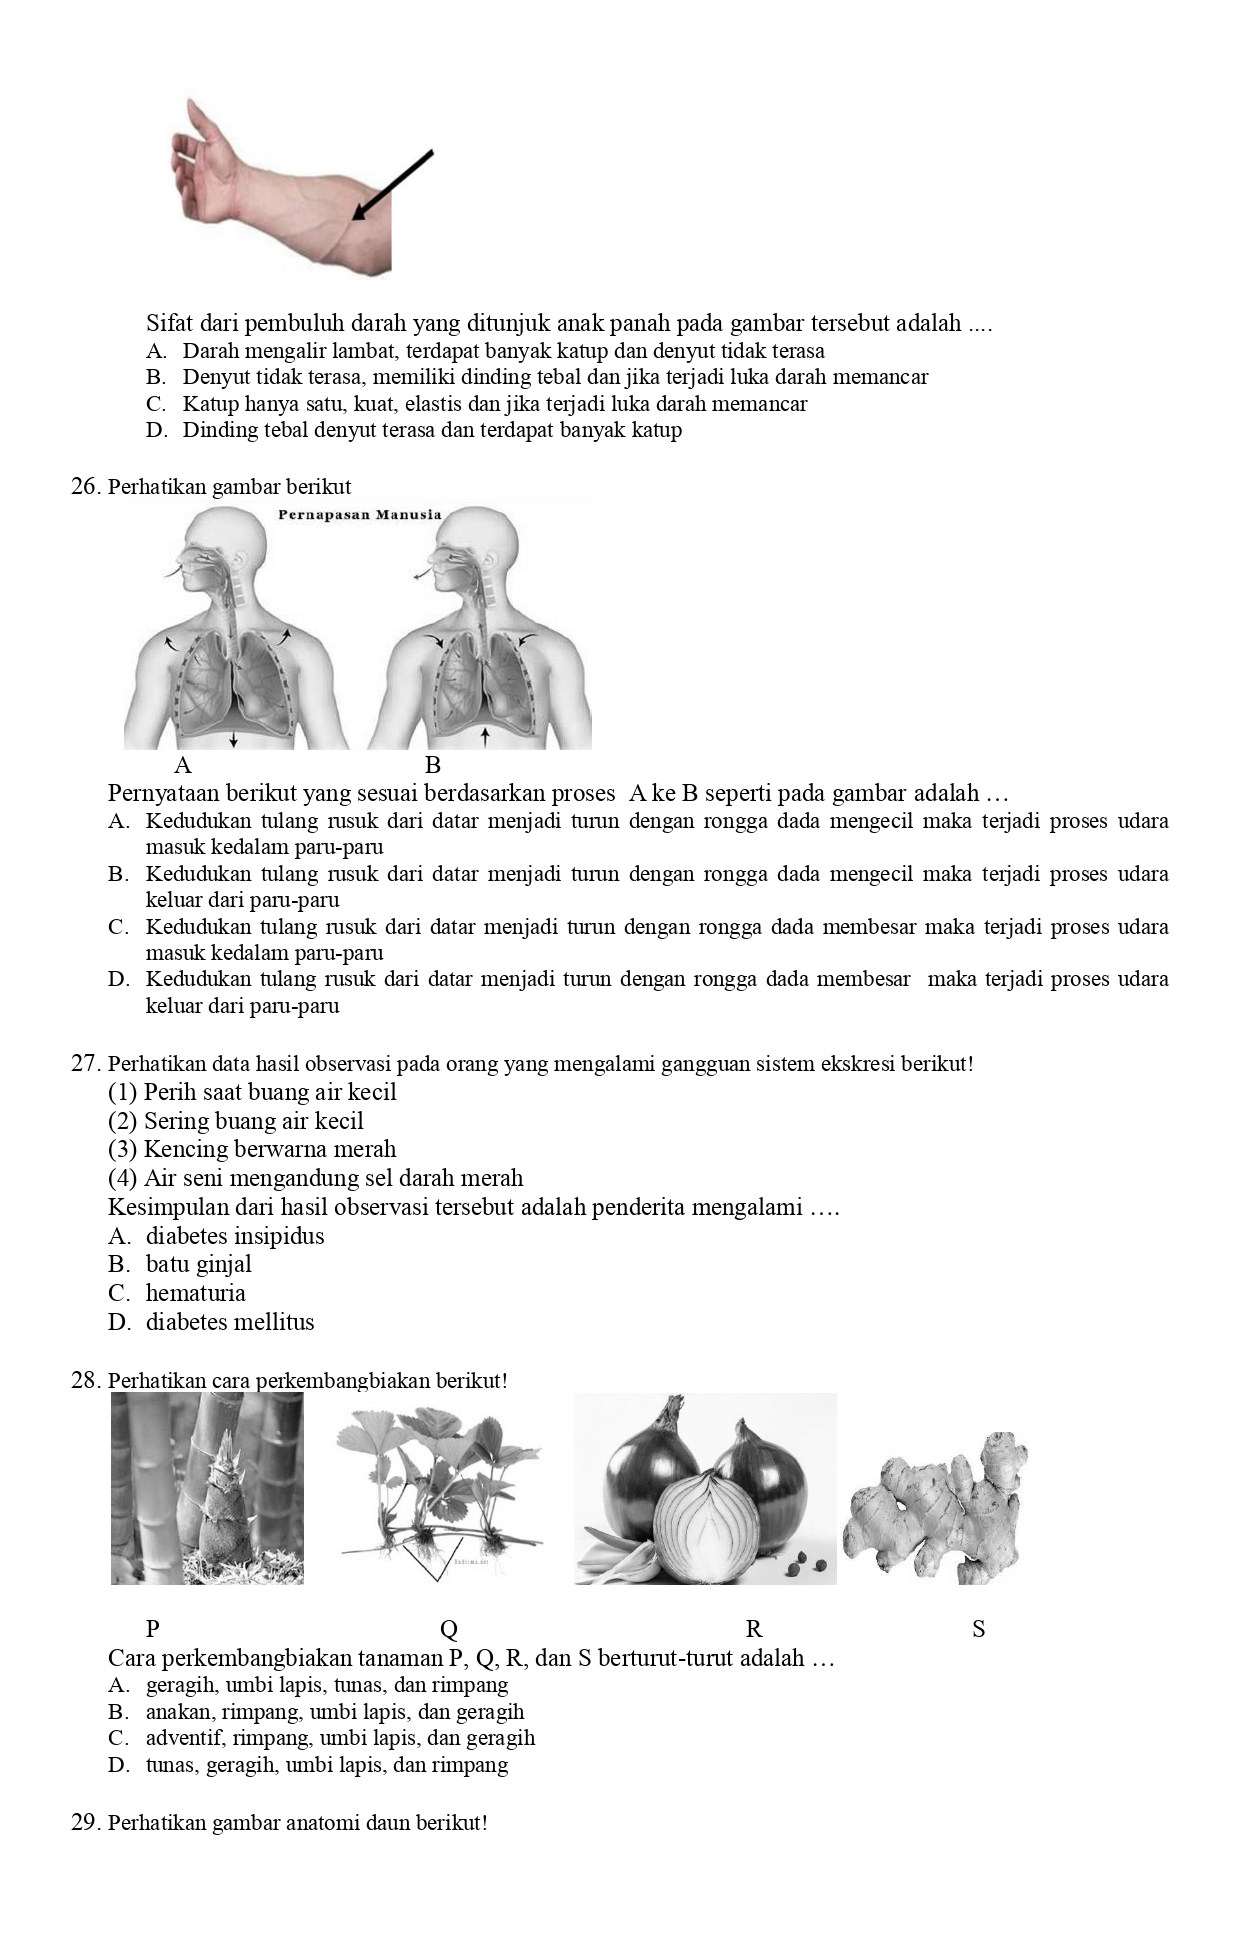 TUGAS IPA KELAS 9 I,J,K,L_page-0006